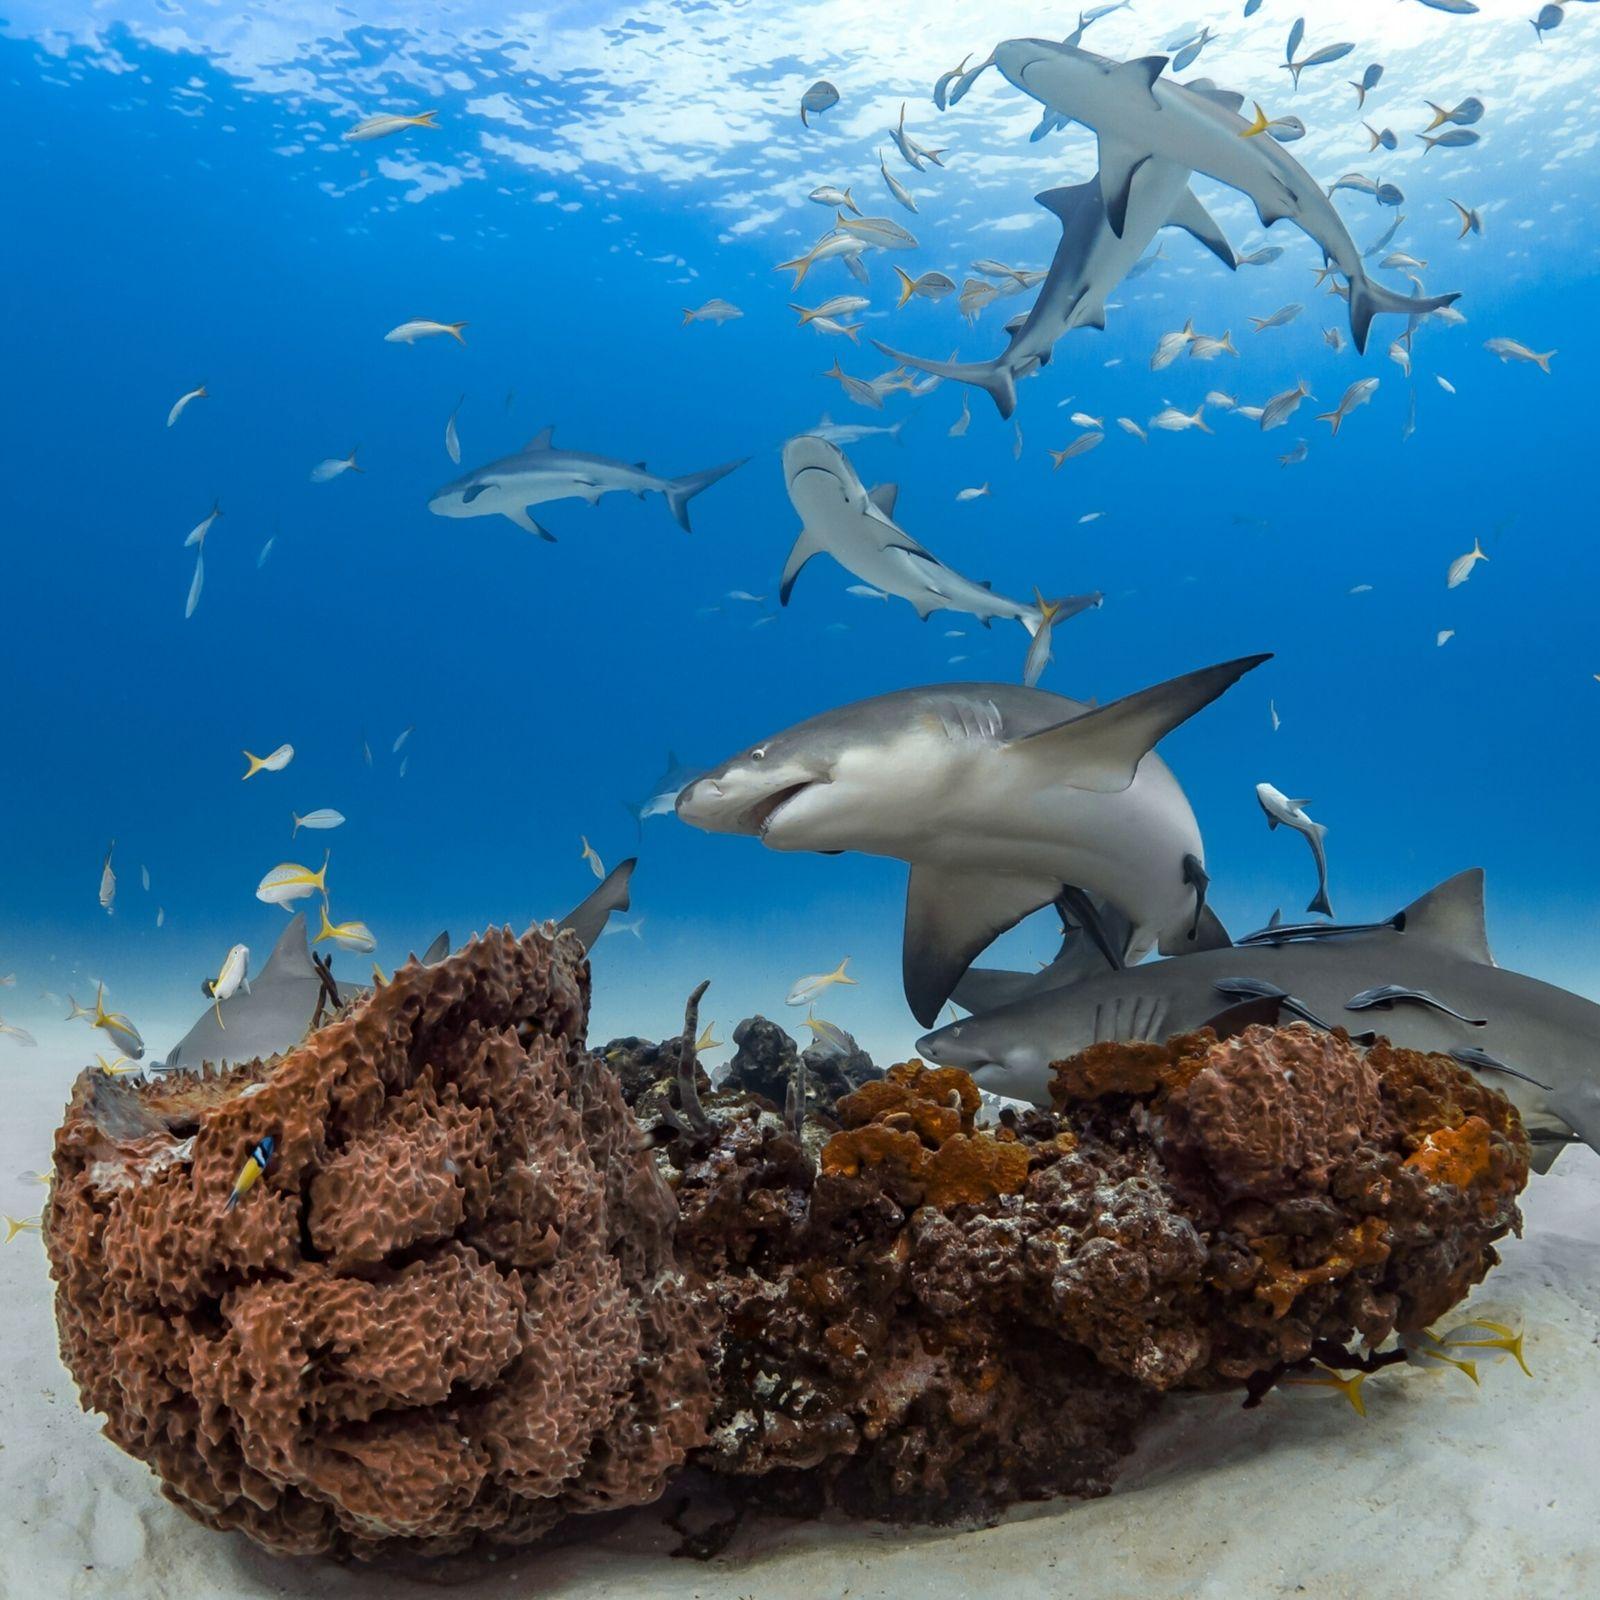 Zitronenhaie, hier zu sehen in einem Schwarm vor der Insel Grand Bahama, legen ganz unterschiedliche Persönlichkeiten ...